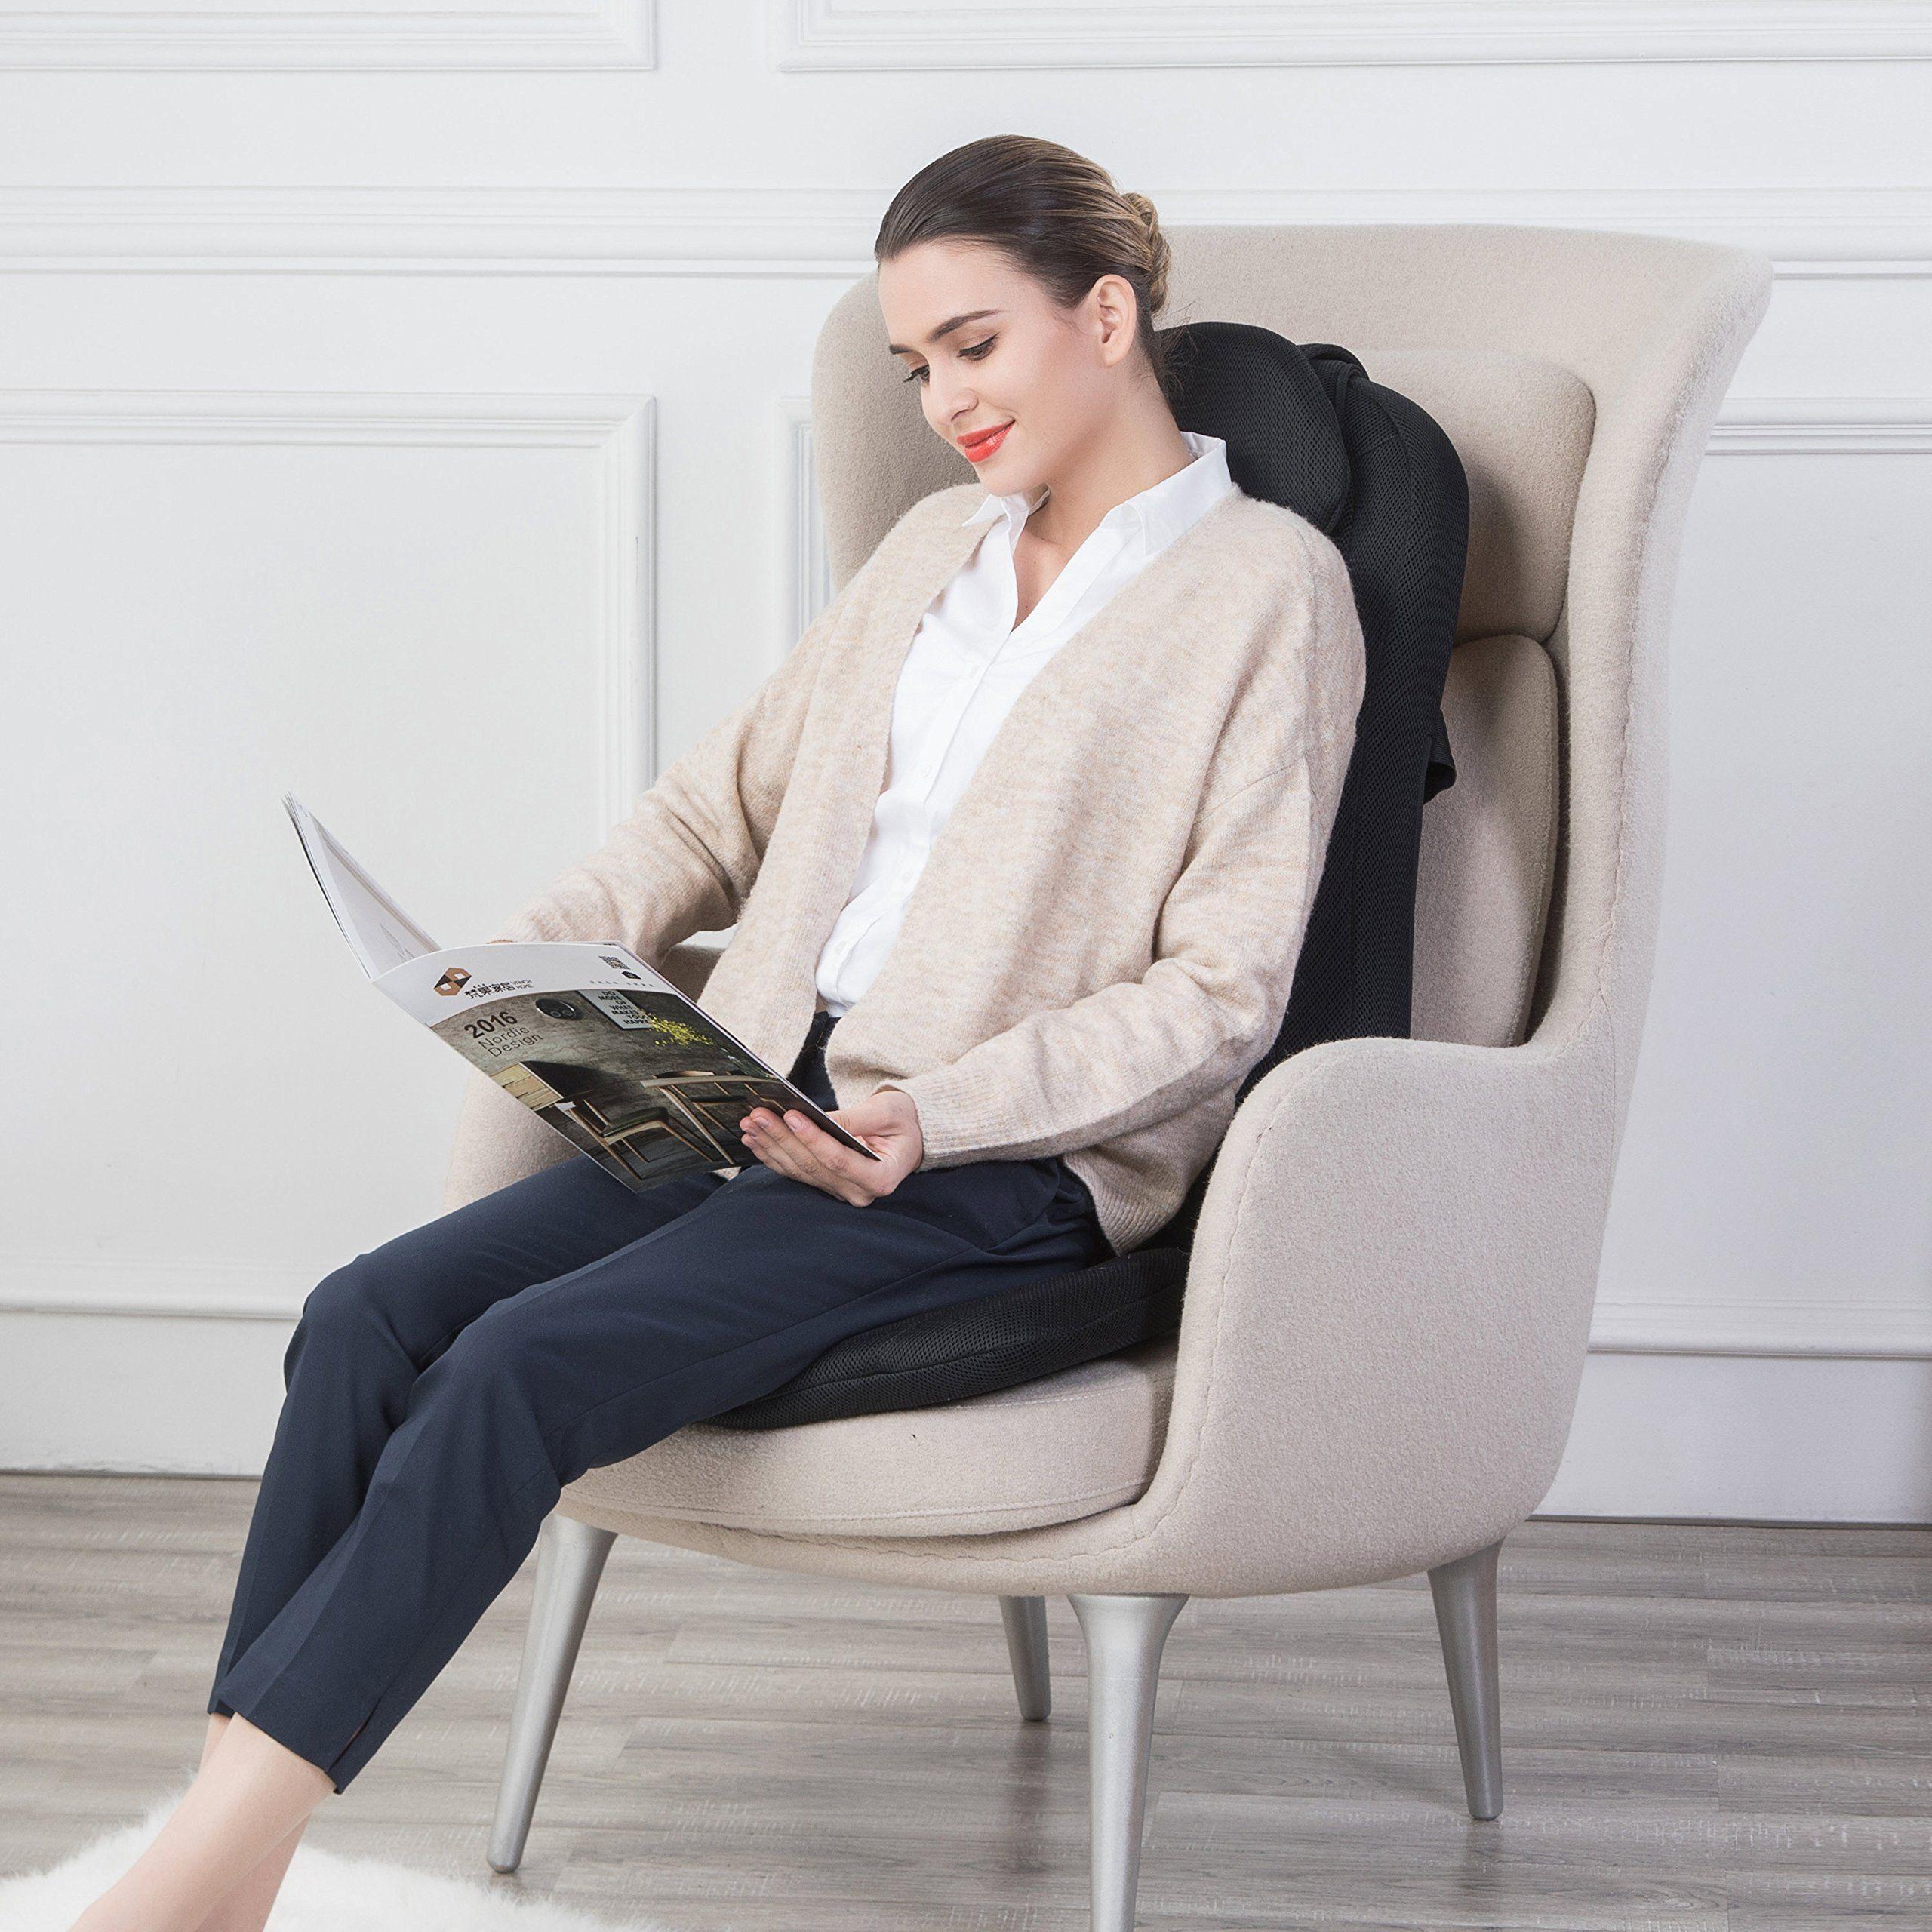 Snailax Shiatsu Massage Seat Cushion with Heat and 4